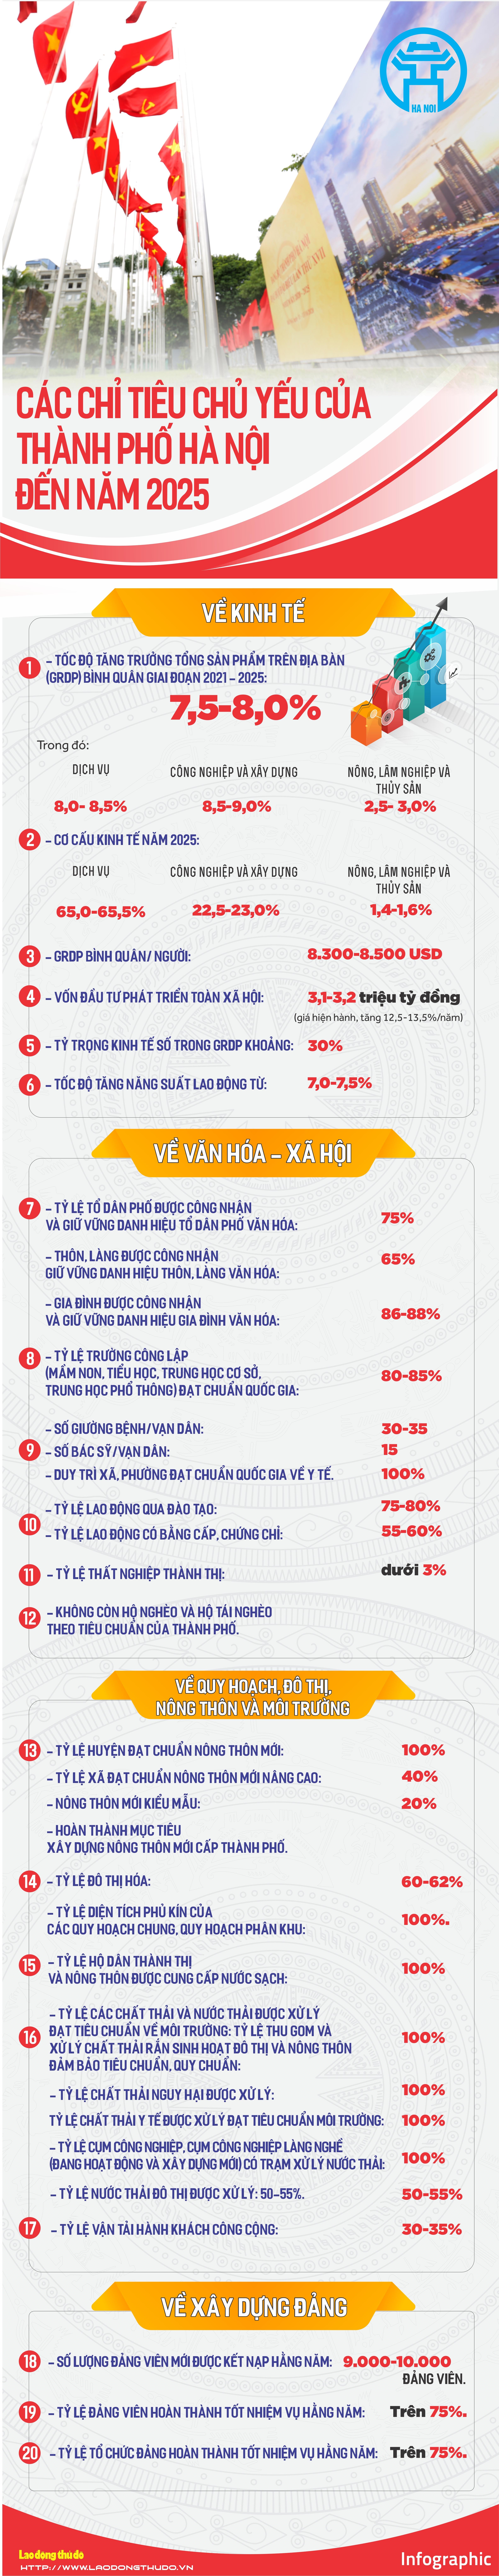 Infographic: Chỉ tiêu chủ yếu phát triển kinh tế Thủ đô đến năm 2025